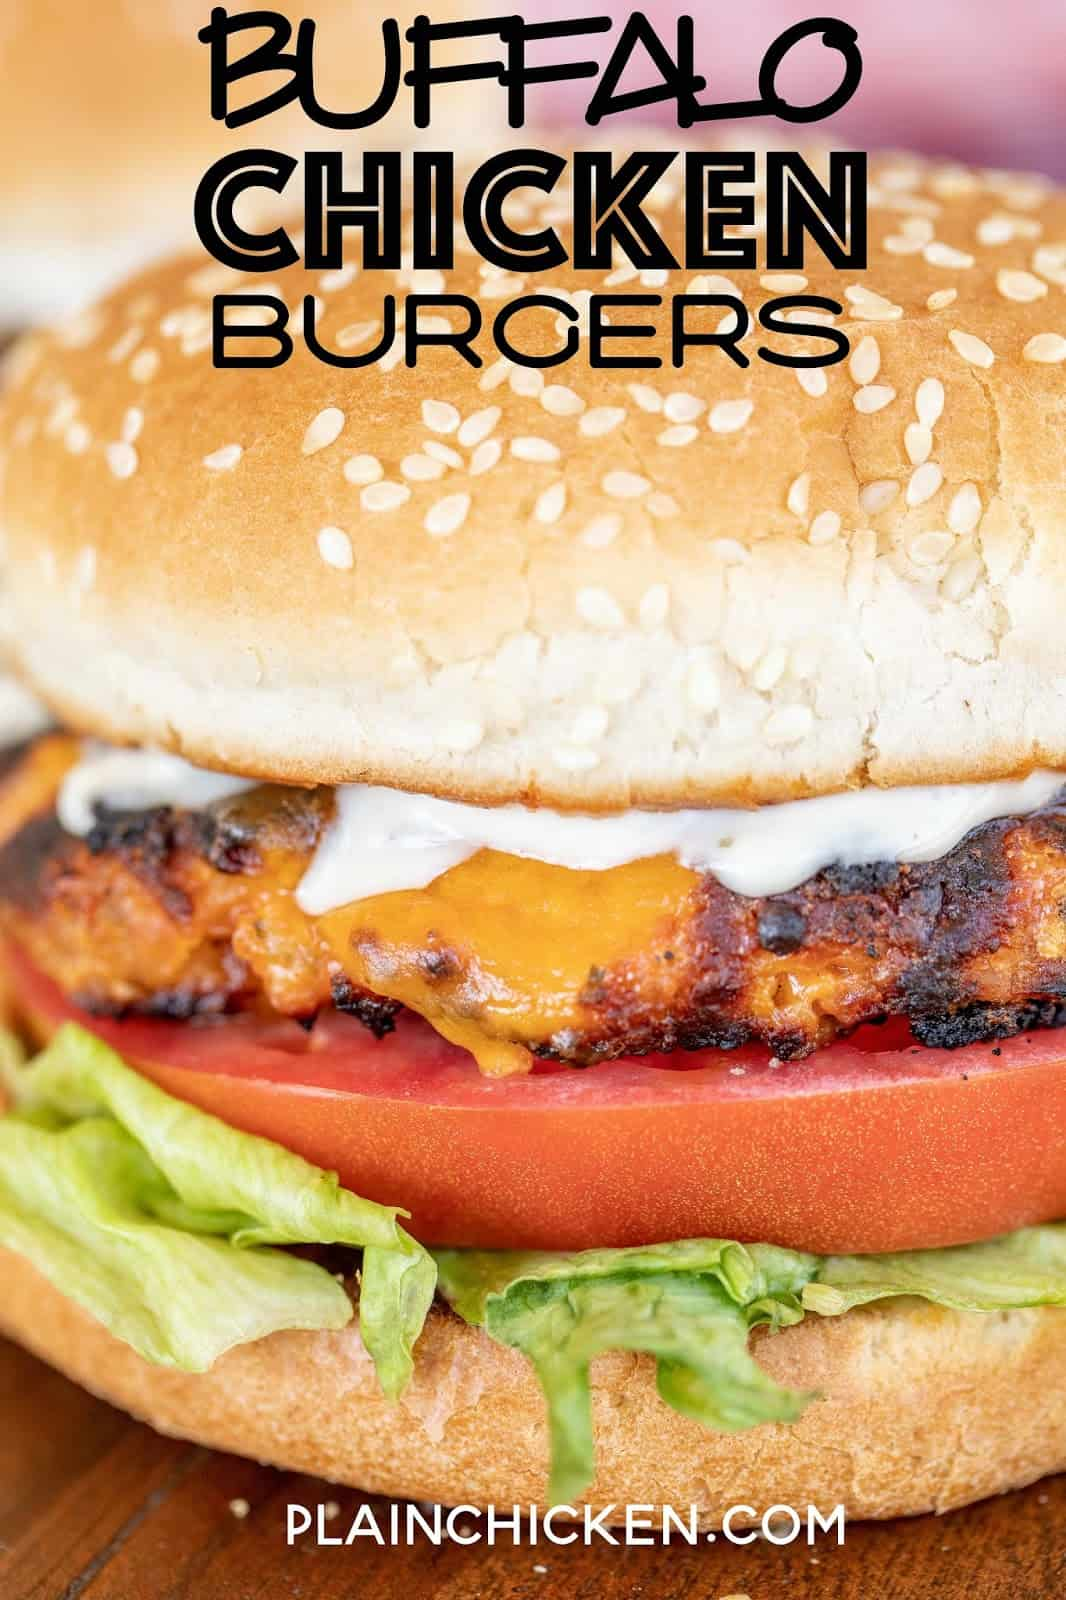 ground chicken burger on a bun